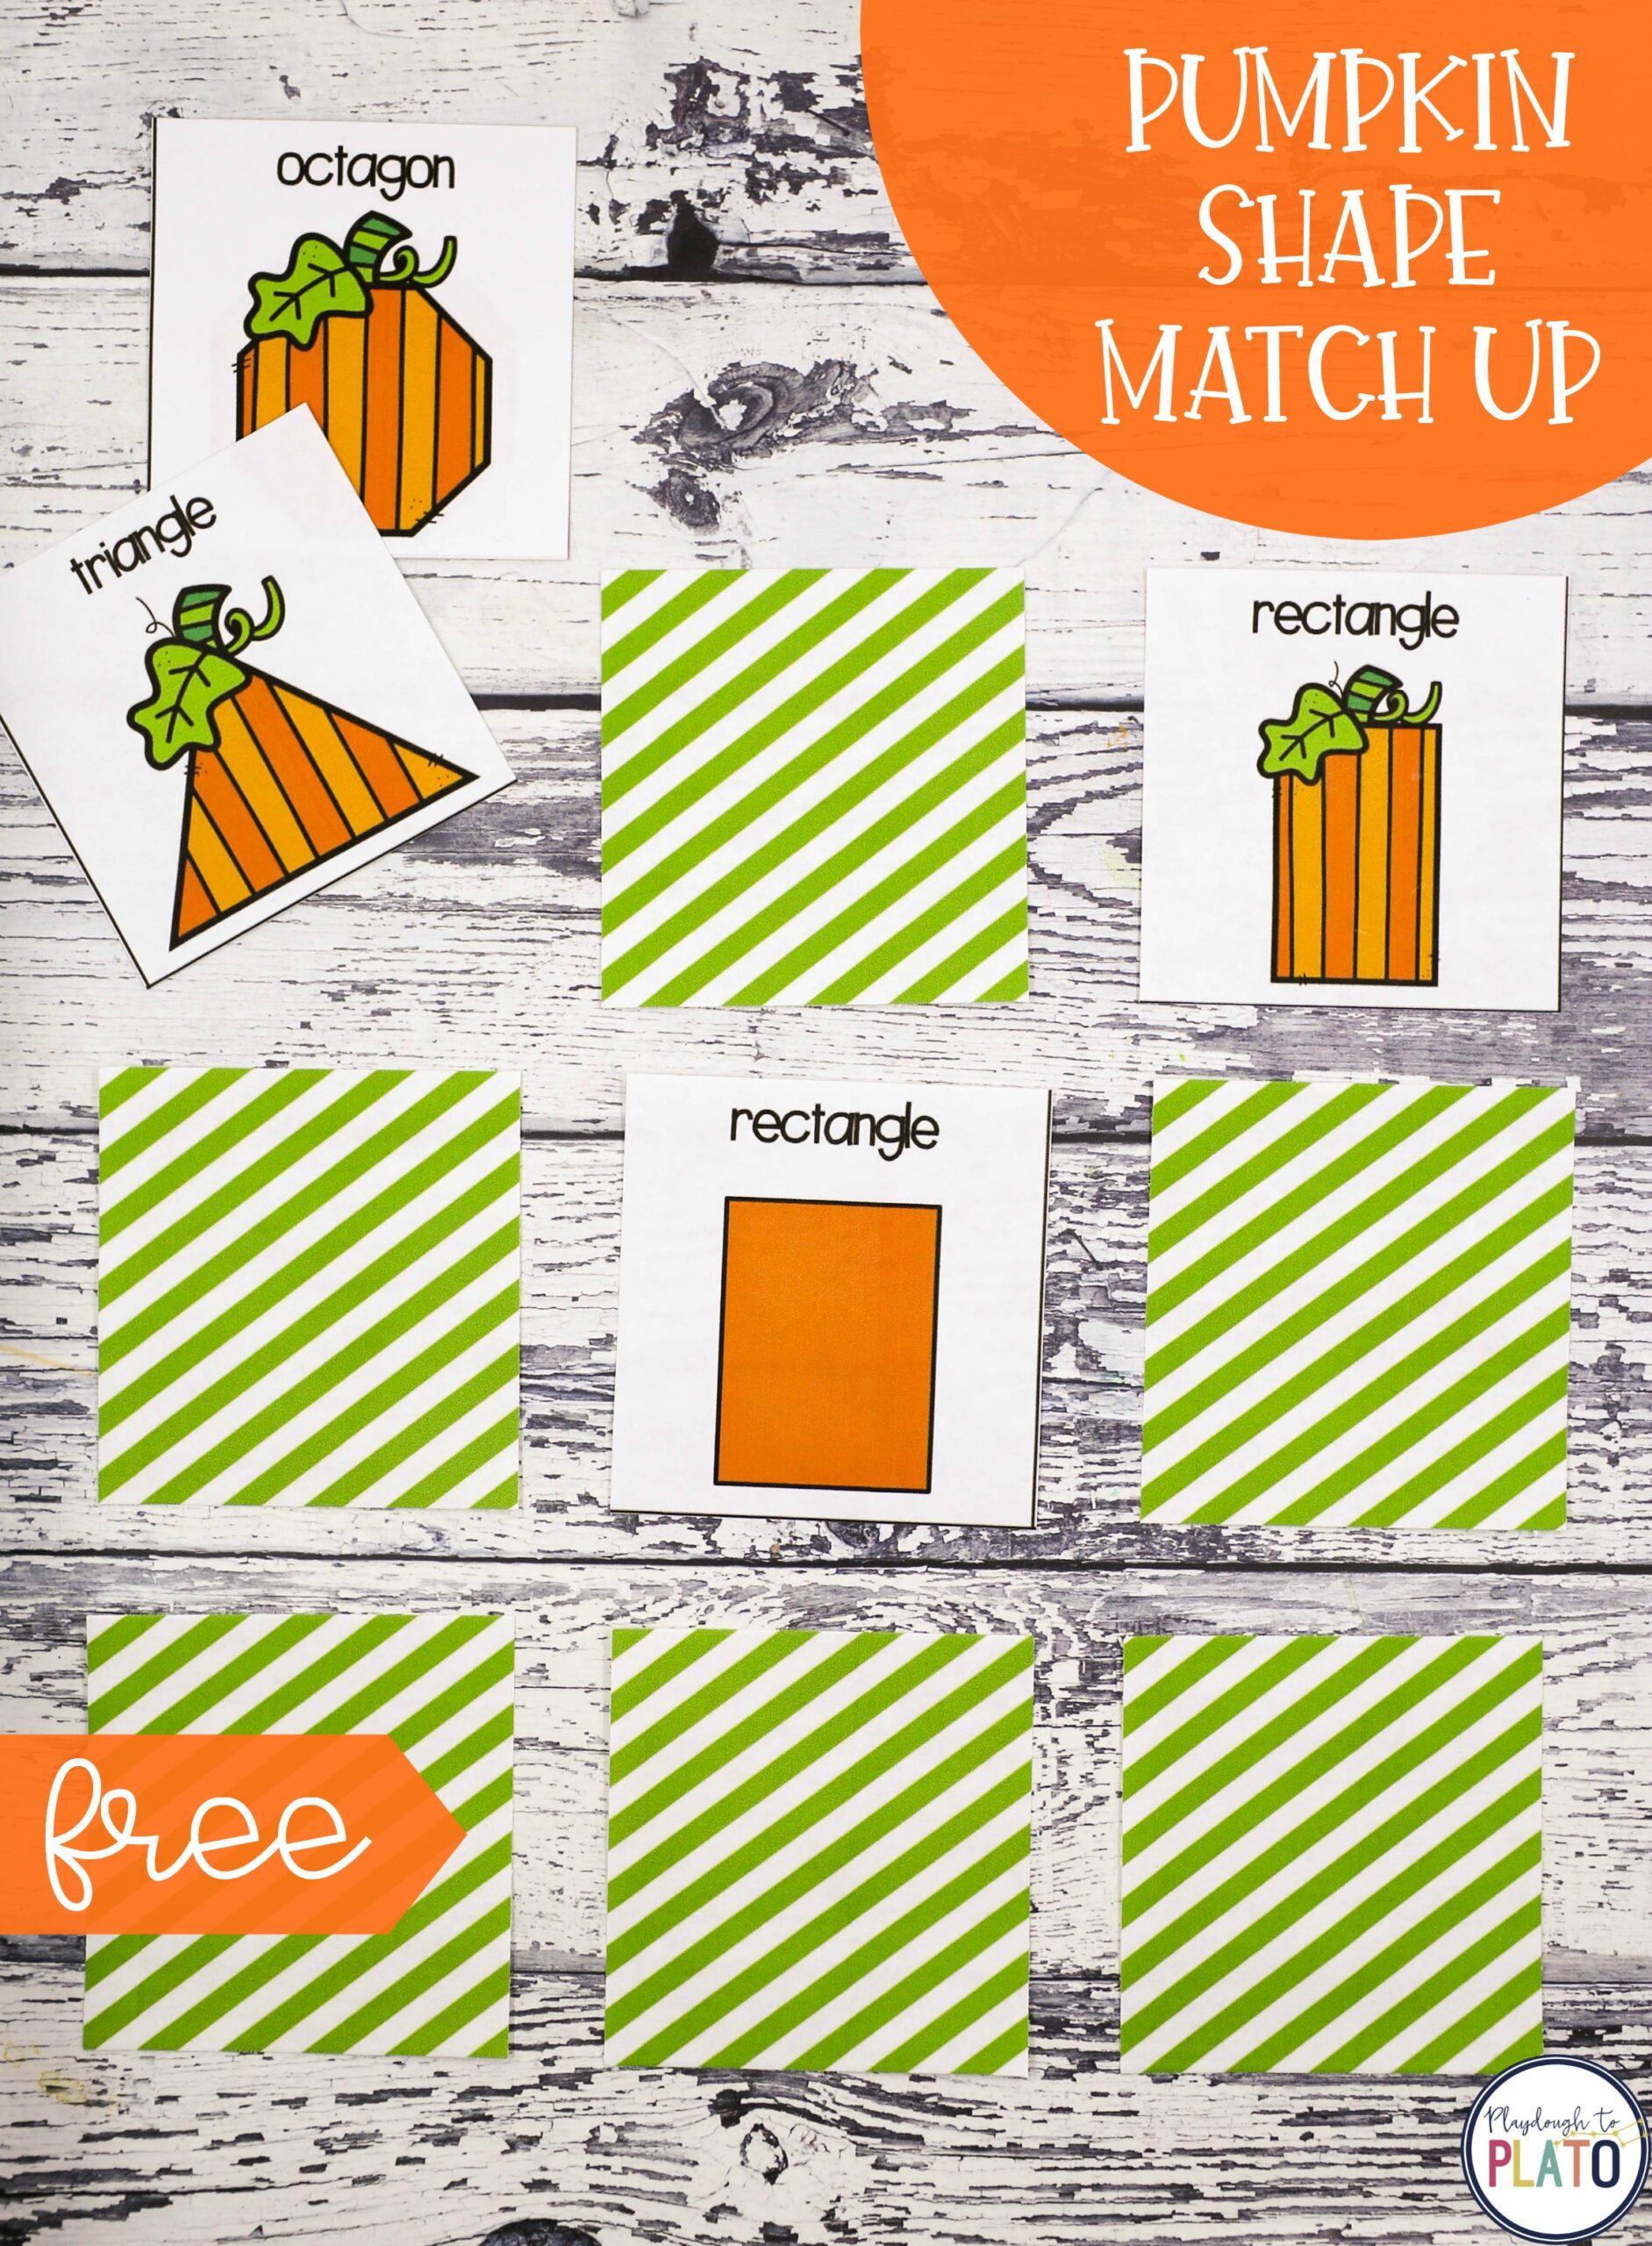 Pumpkin Shape Match Up